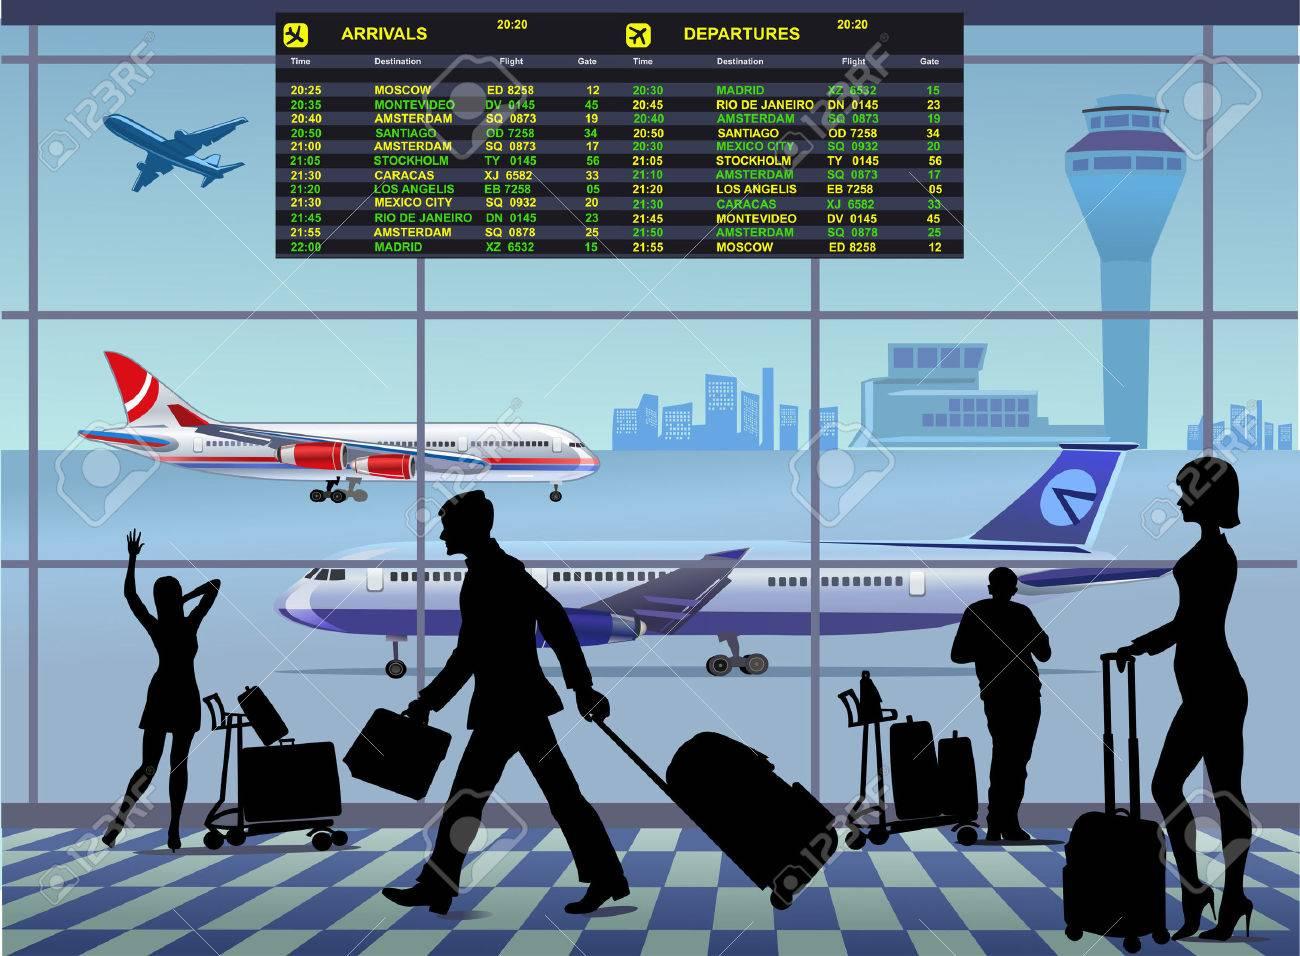 空港旅客ターミナル。国際線到着と出発のイラスト素材・ベクタ - Image ...